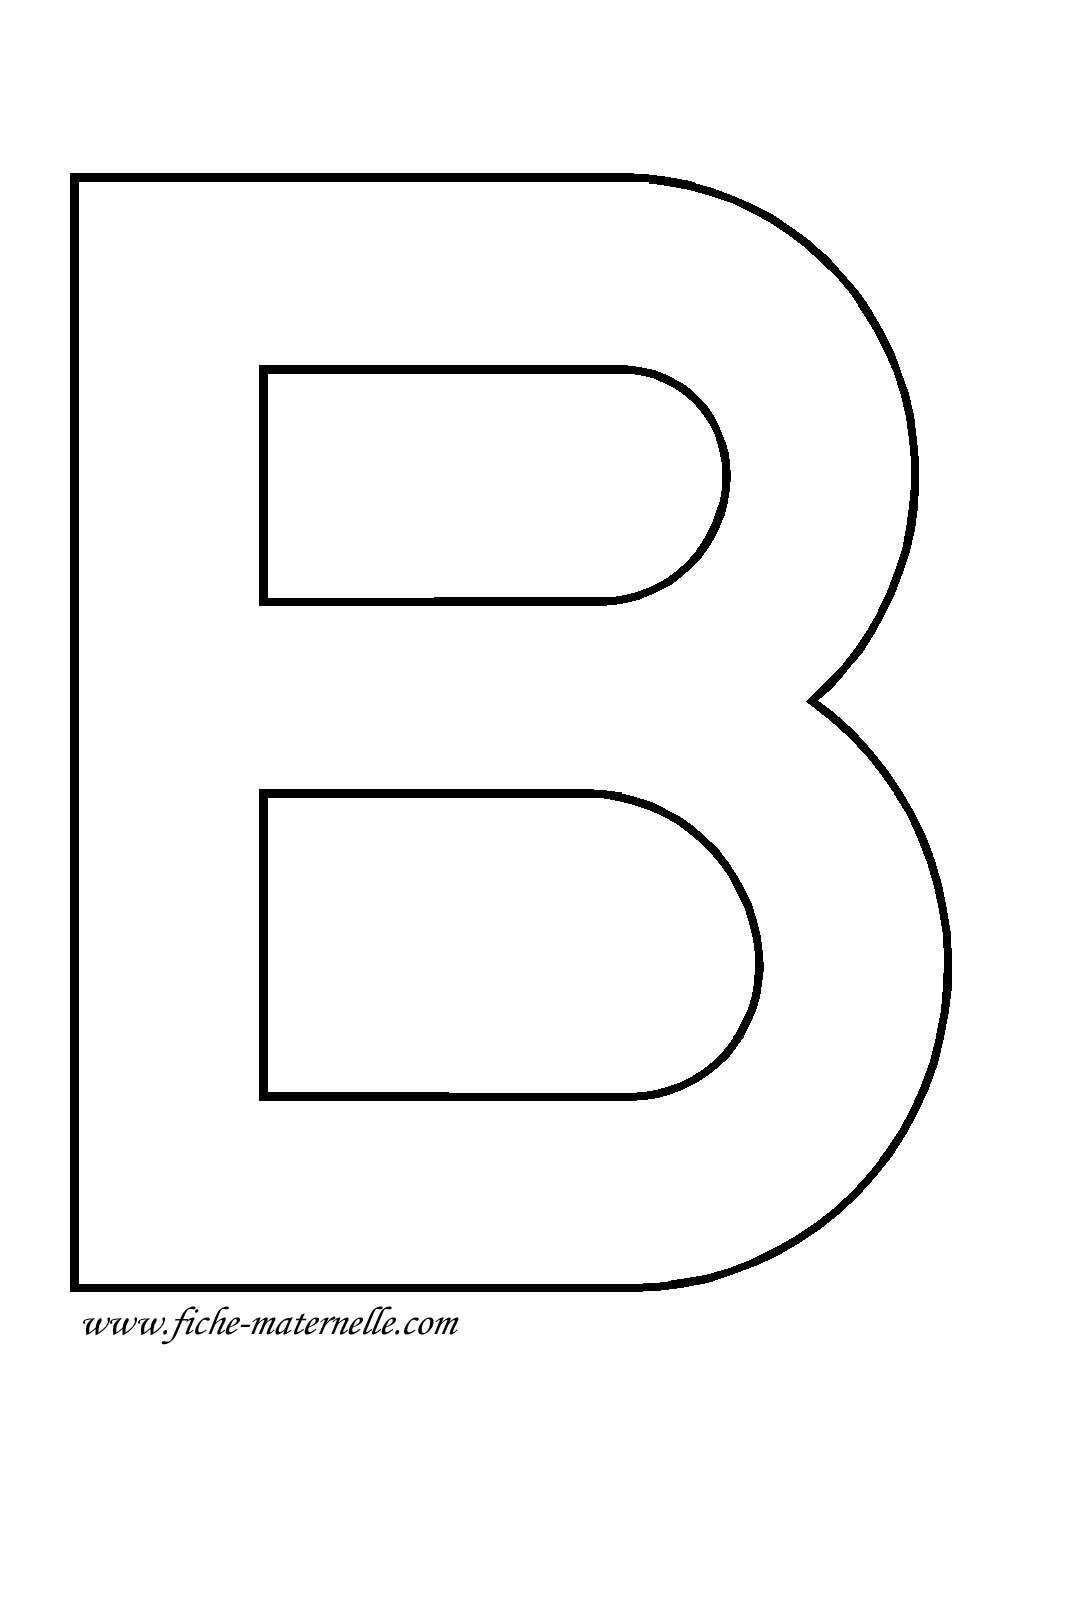 Lettre de l 39 alphabet d corer fran ais pinterest - Grande lettre alphabet a imprimer ...